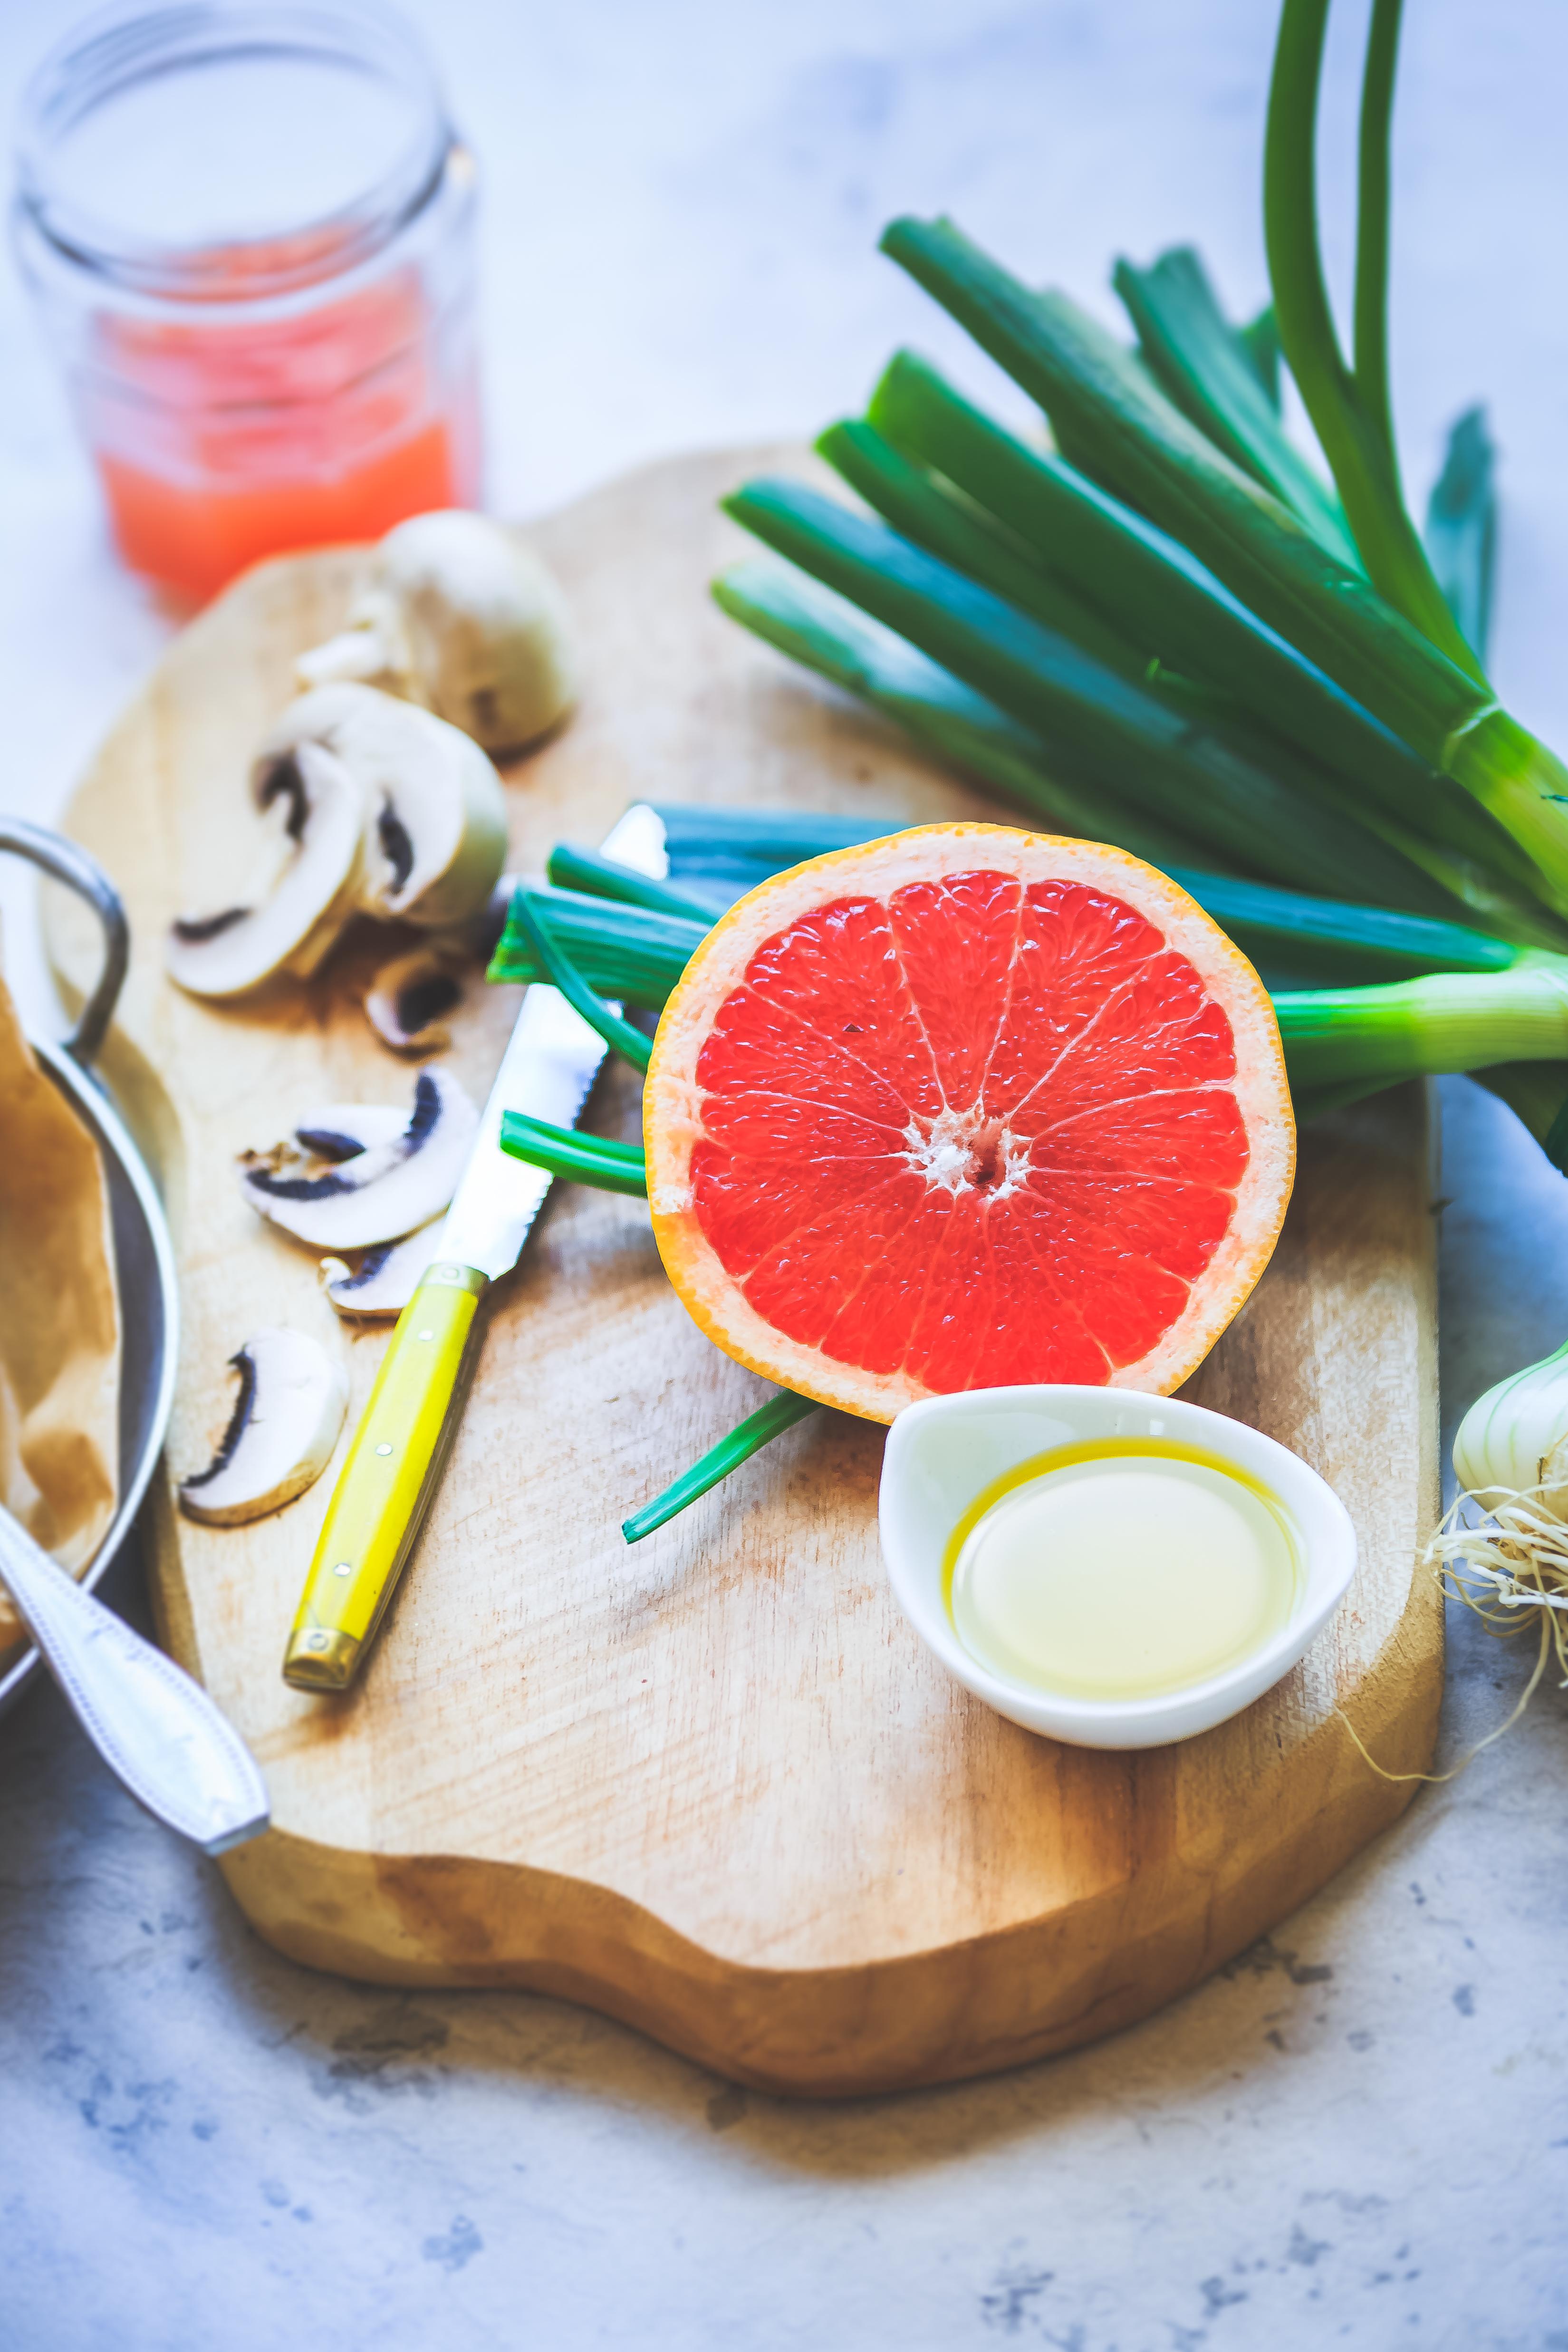 Recette Dos de cabillaud, sauce pamplemousse et asperges vertes